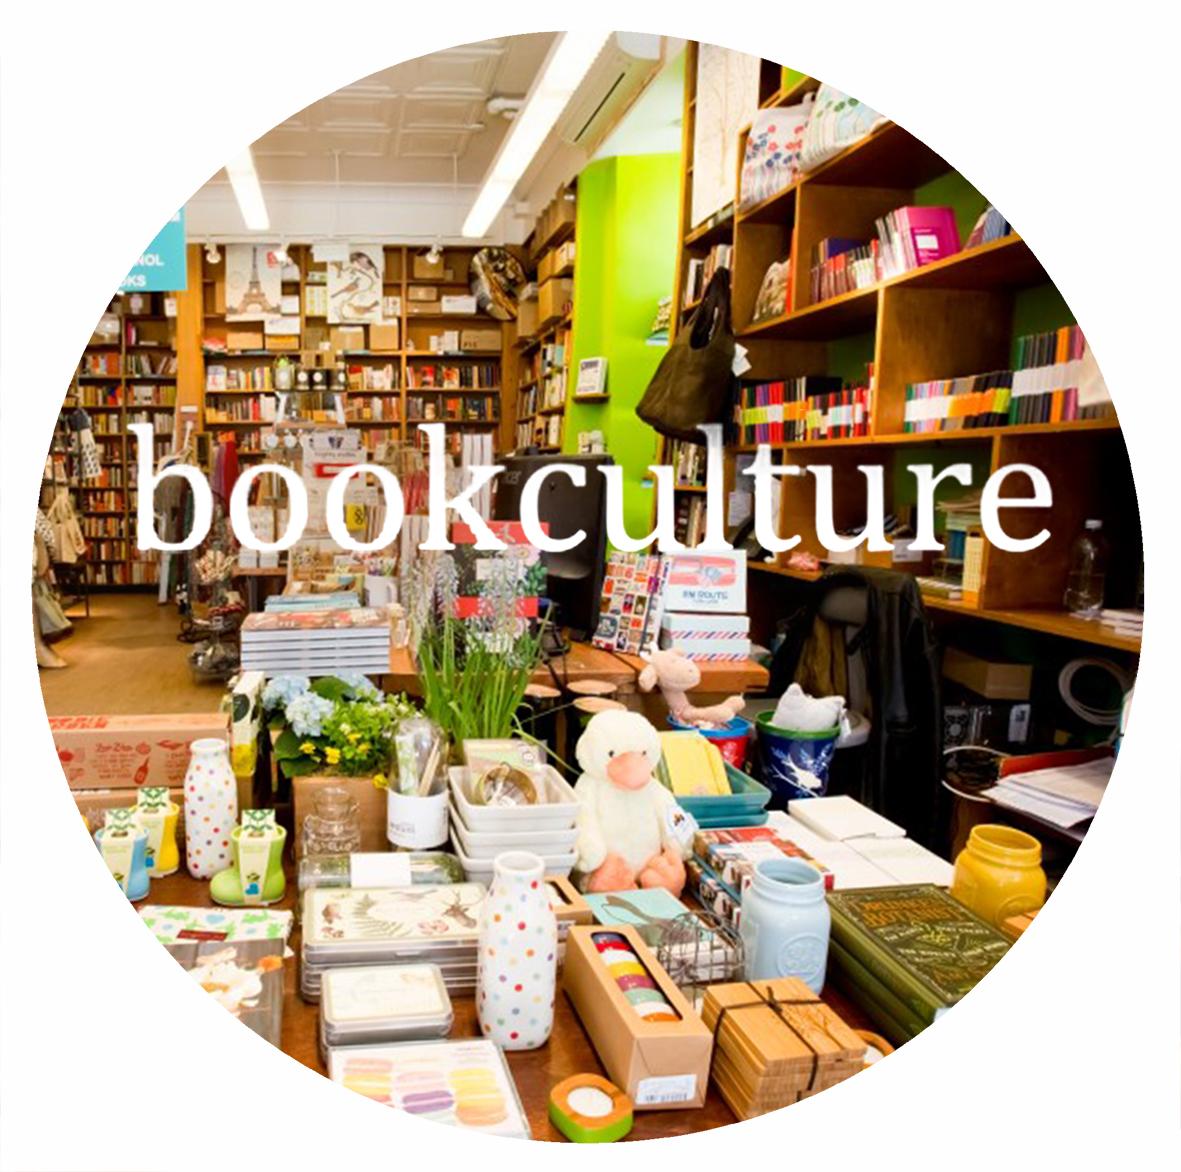 BOOK CULTURE  26-09 Jackson Ave, Long Island City, NY 11101